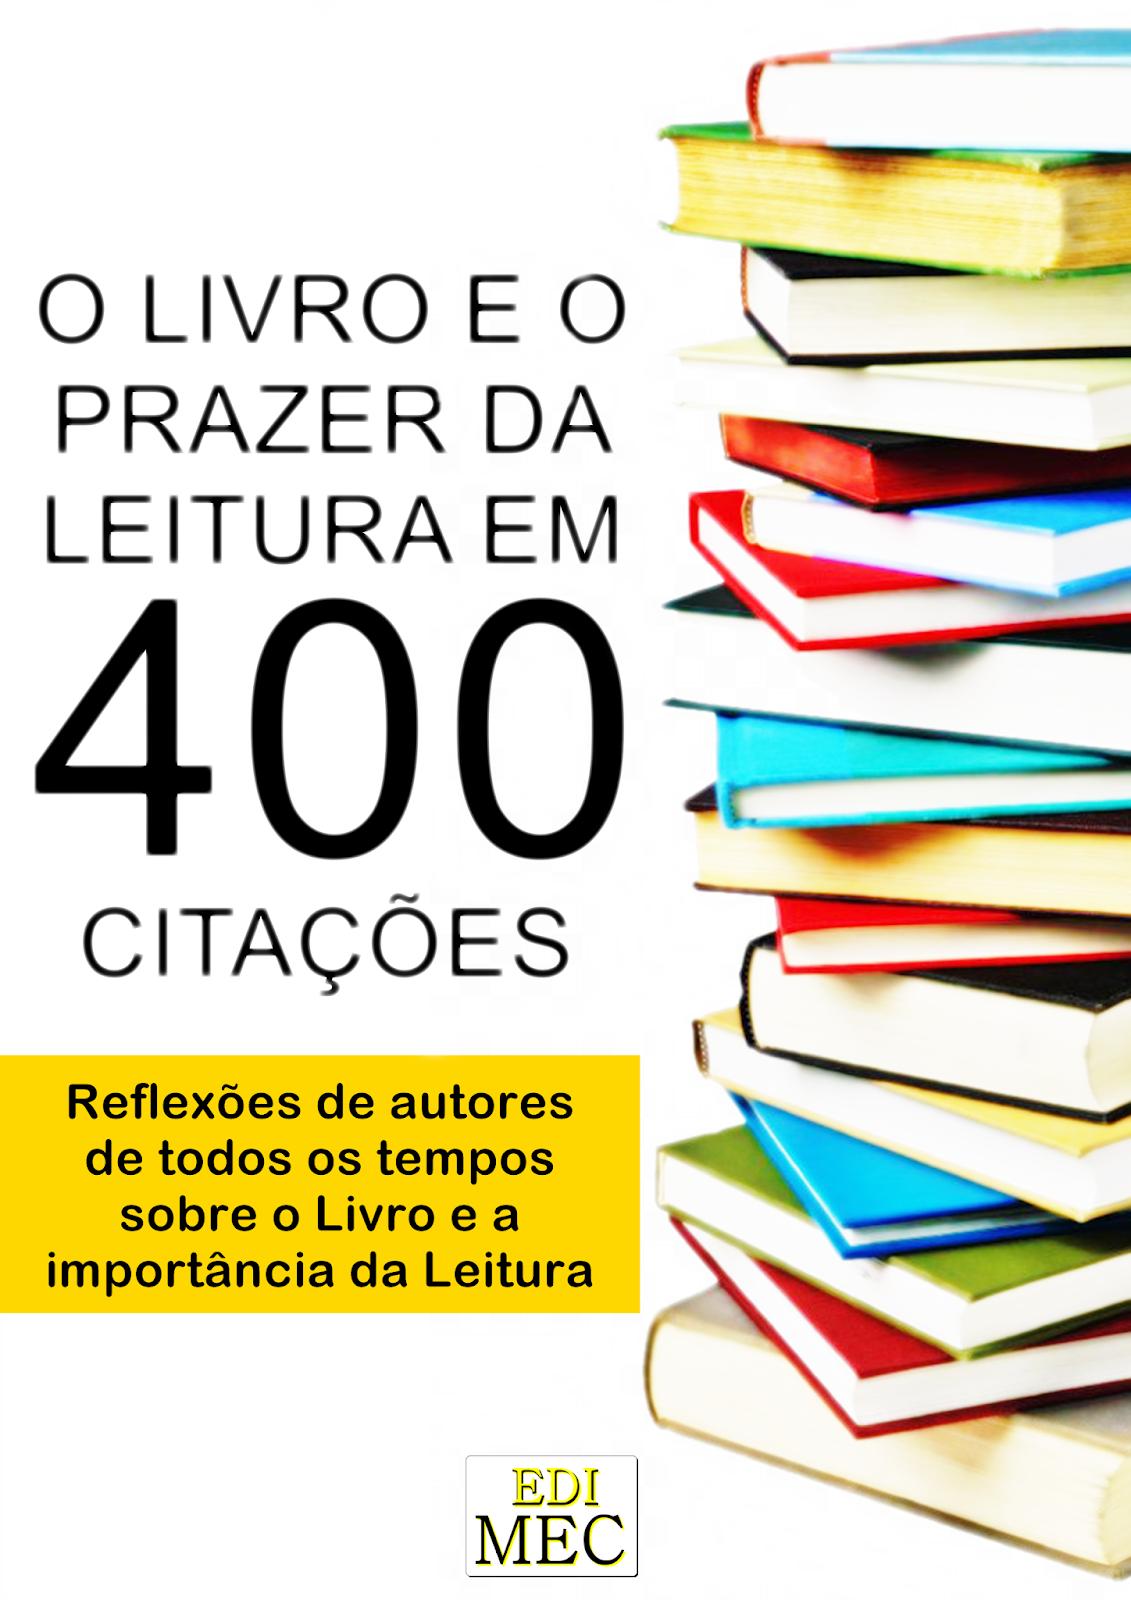 Poesia Evangélica 400 Frases Sobre O Livro E O Prazer Da Leitura